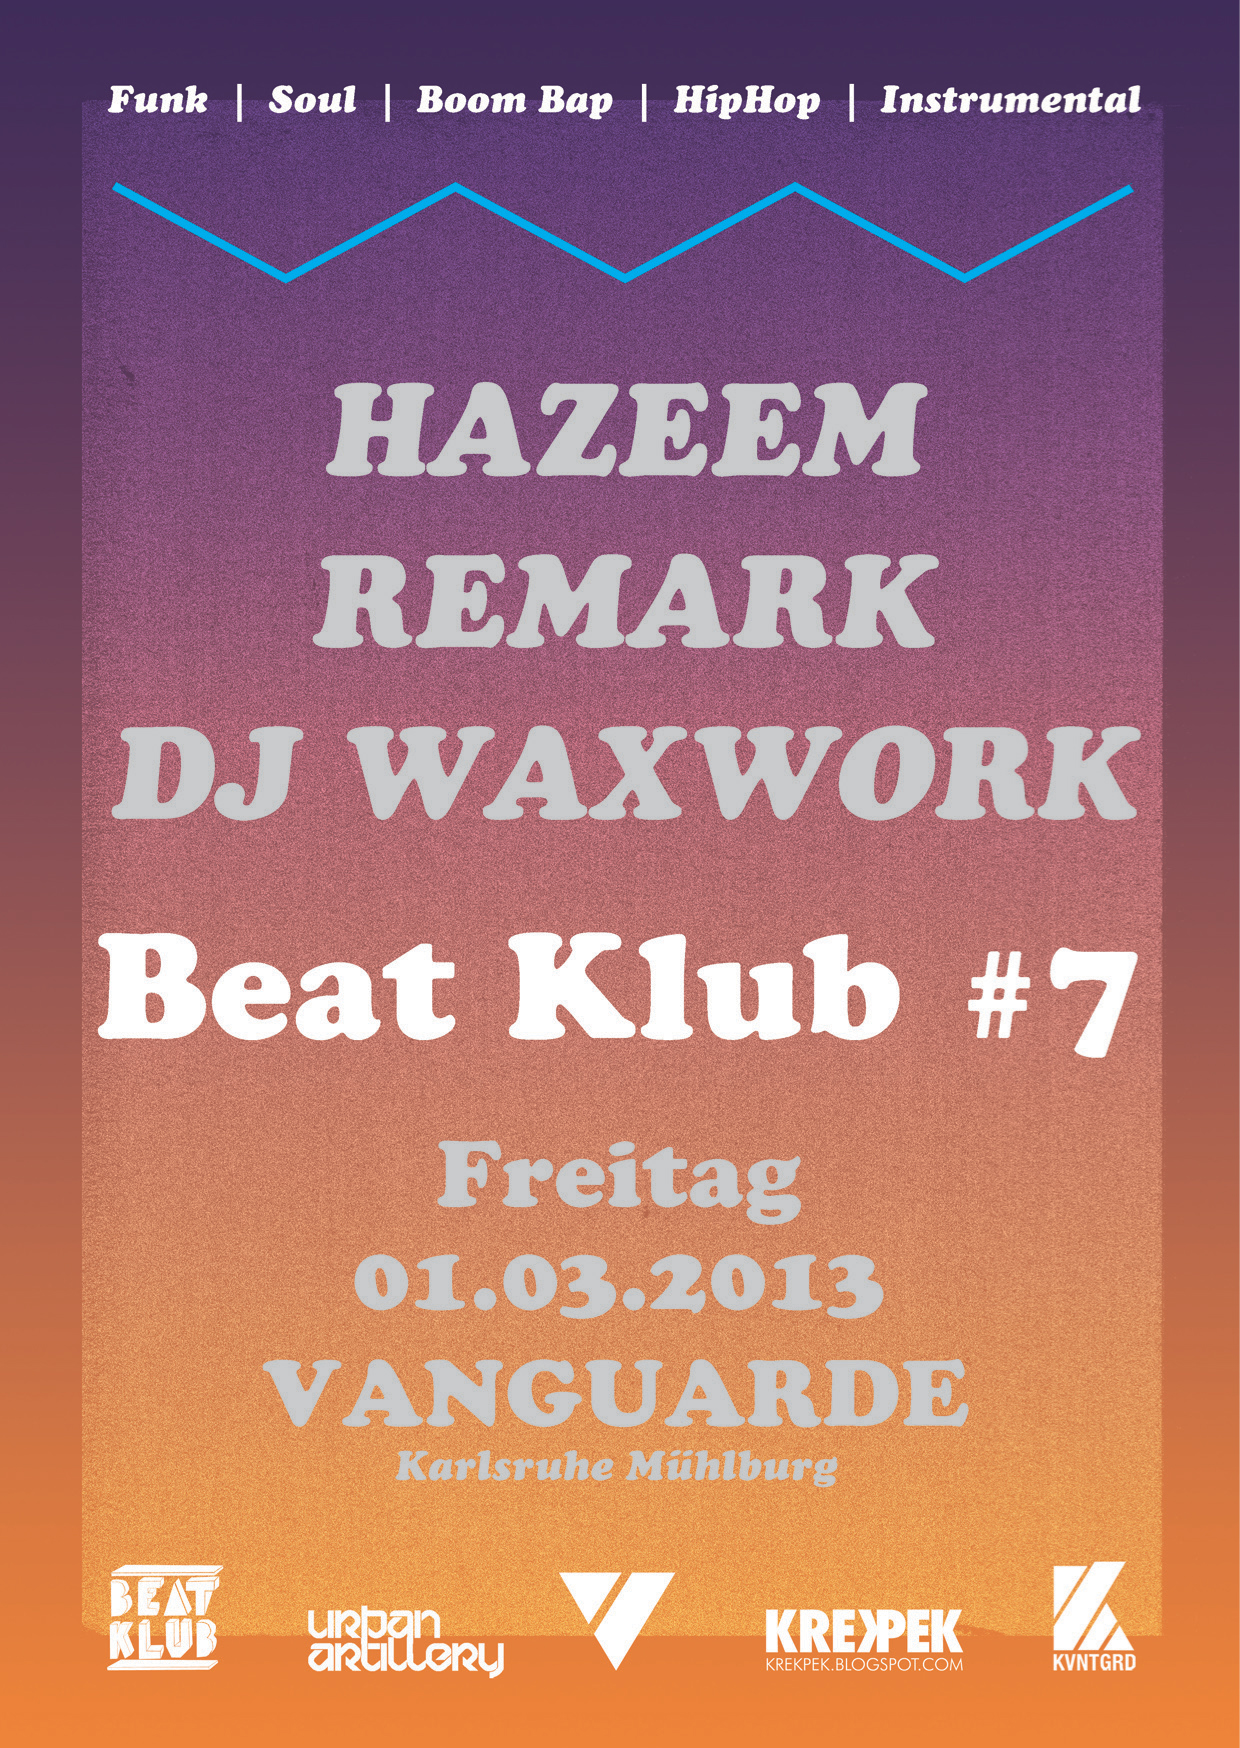 01.03.2013 | Beat Klub